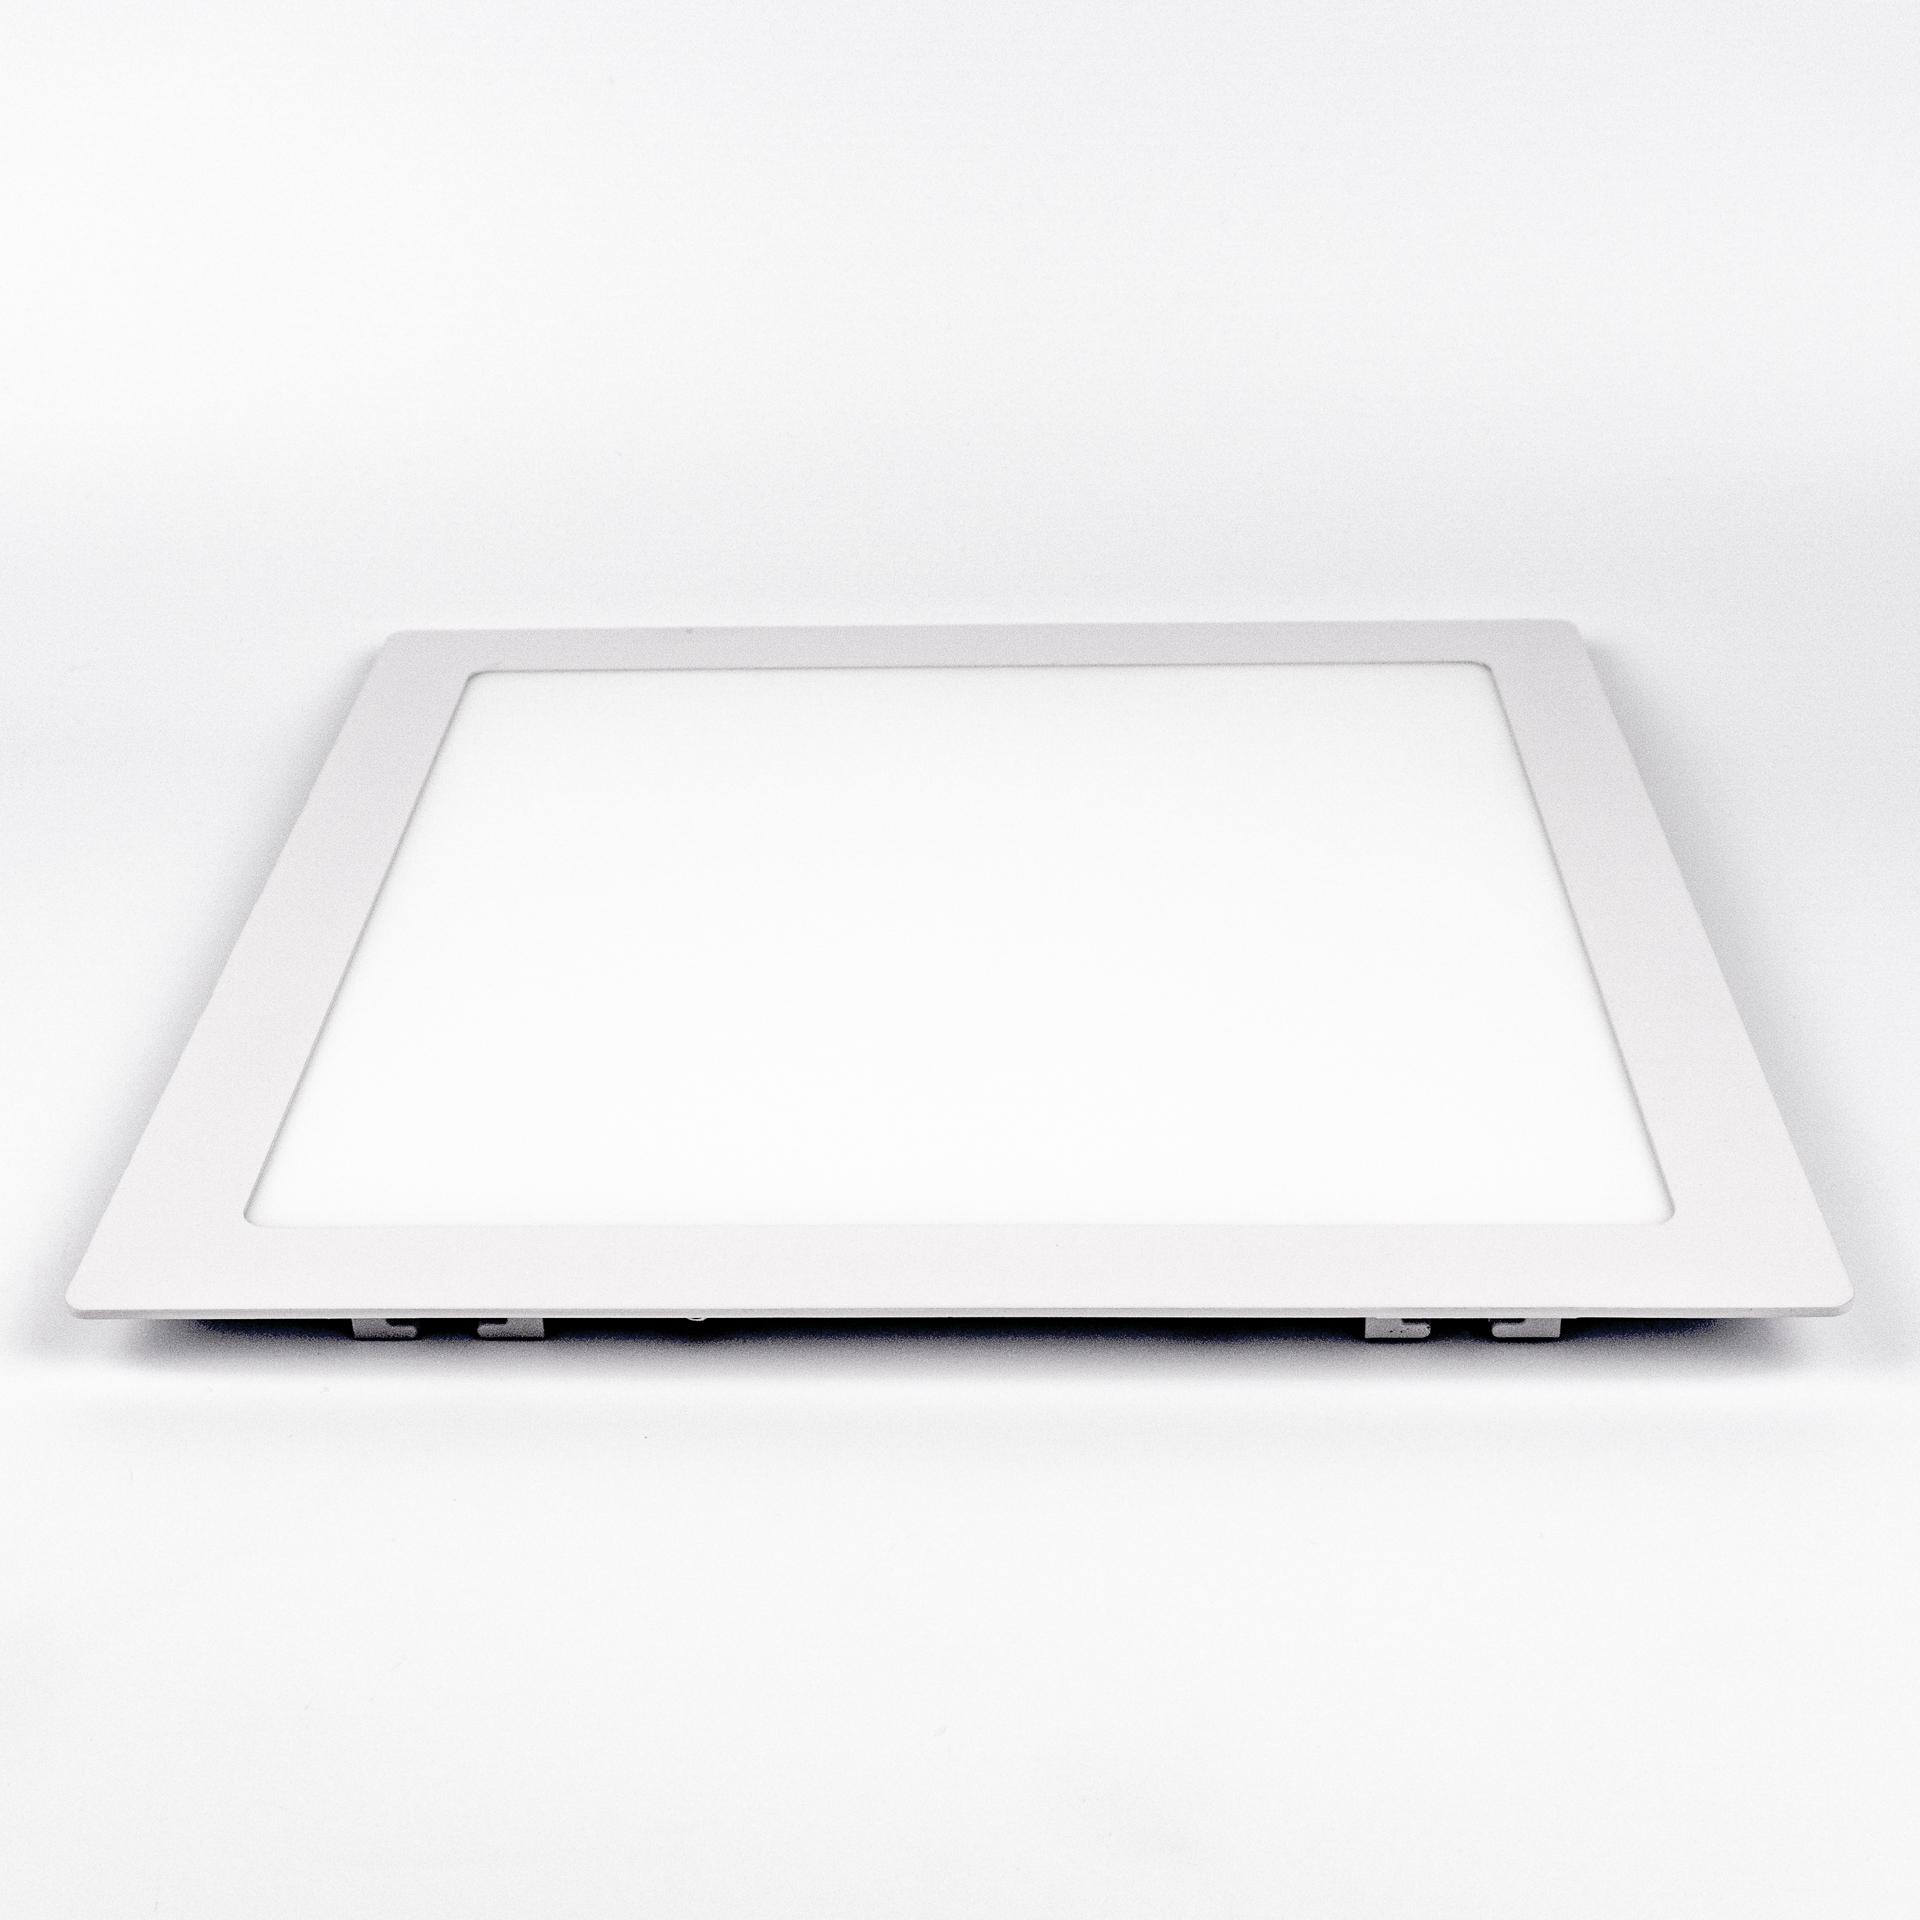 LED Panel Süllyeszthető 24W Négyzet Meleg Fehér LPA-V24N